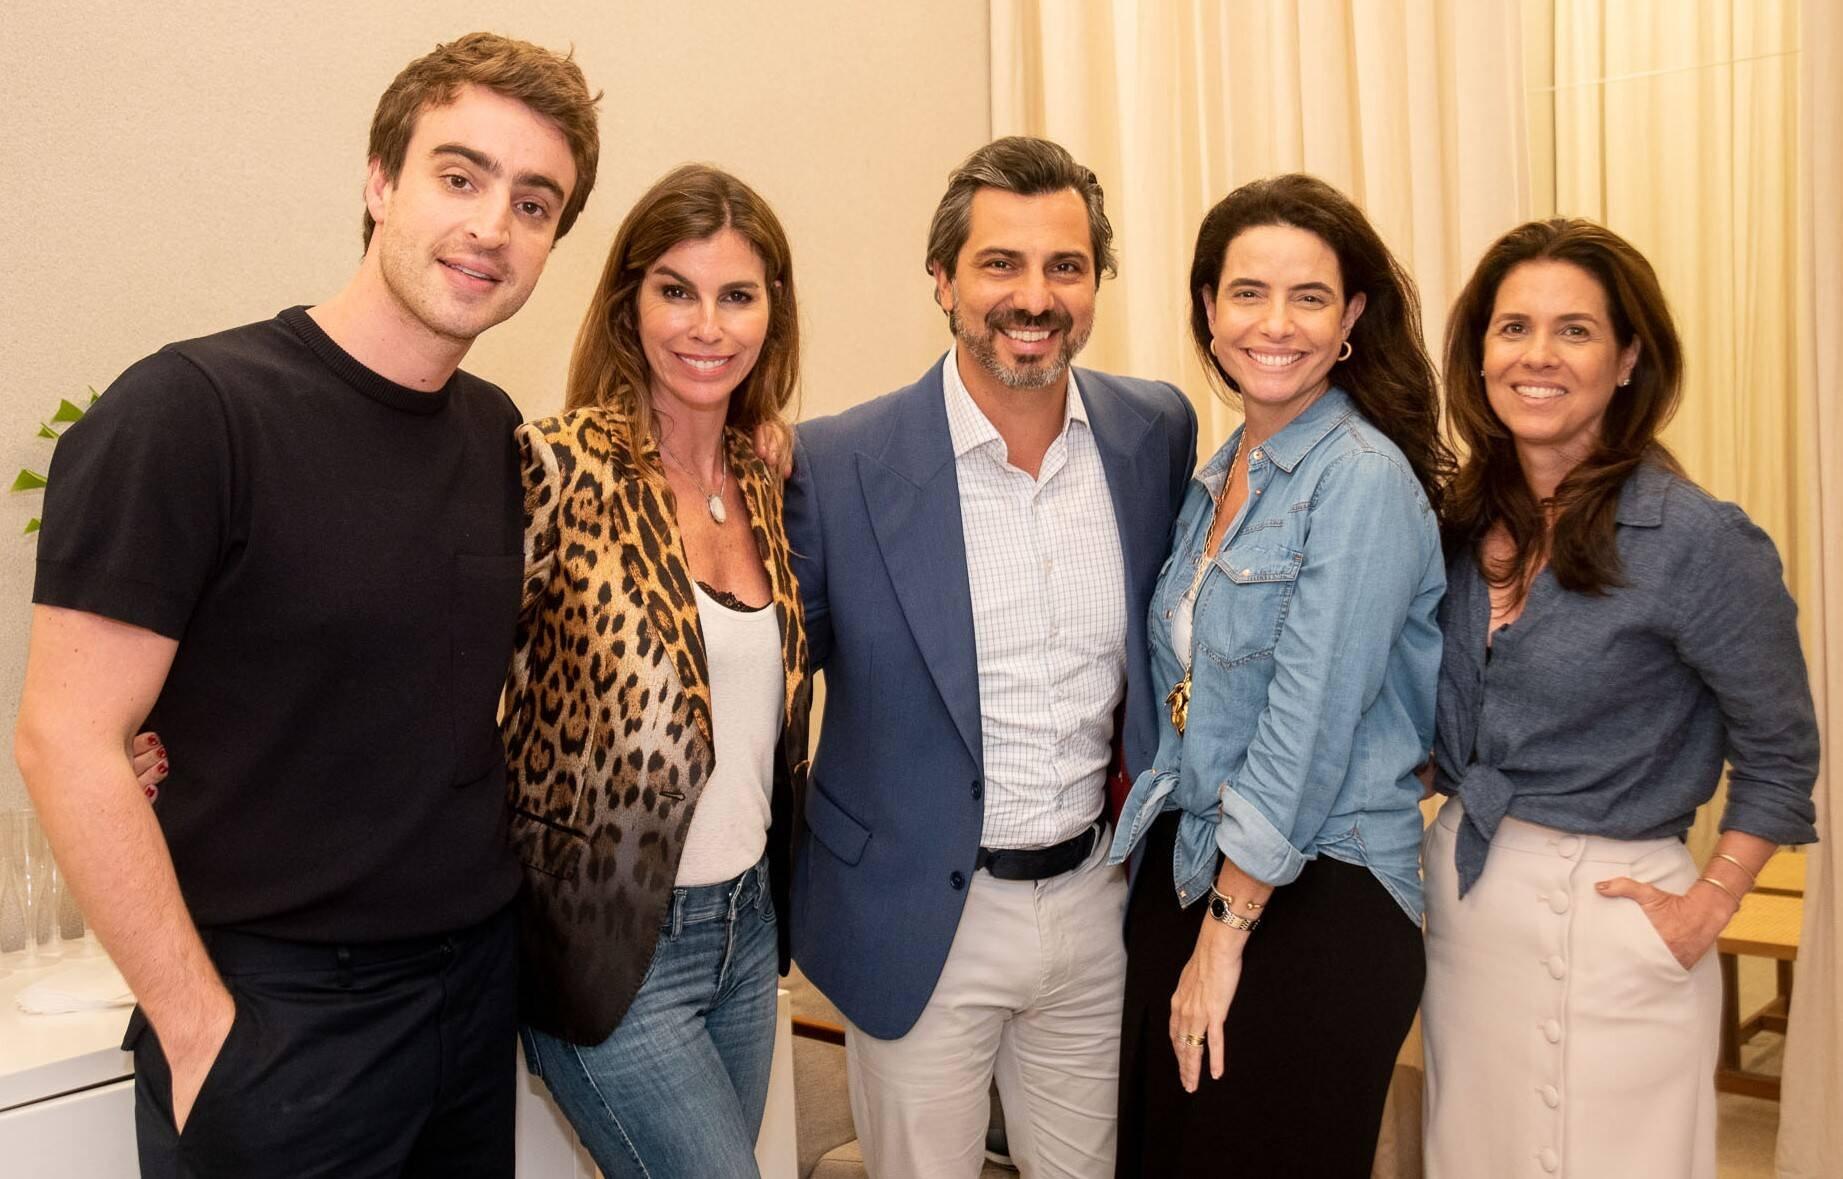 Eduardo Toldi, Chris Pitanguy, Rodrigo Lovatti, Adriana Souza e Angela Hall /Foto: Renato Wrobel